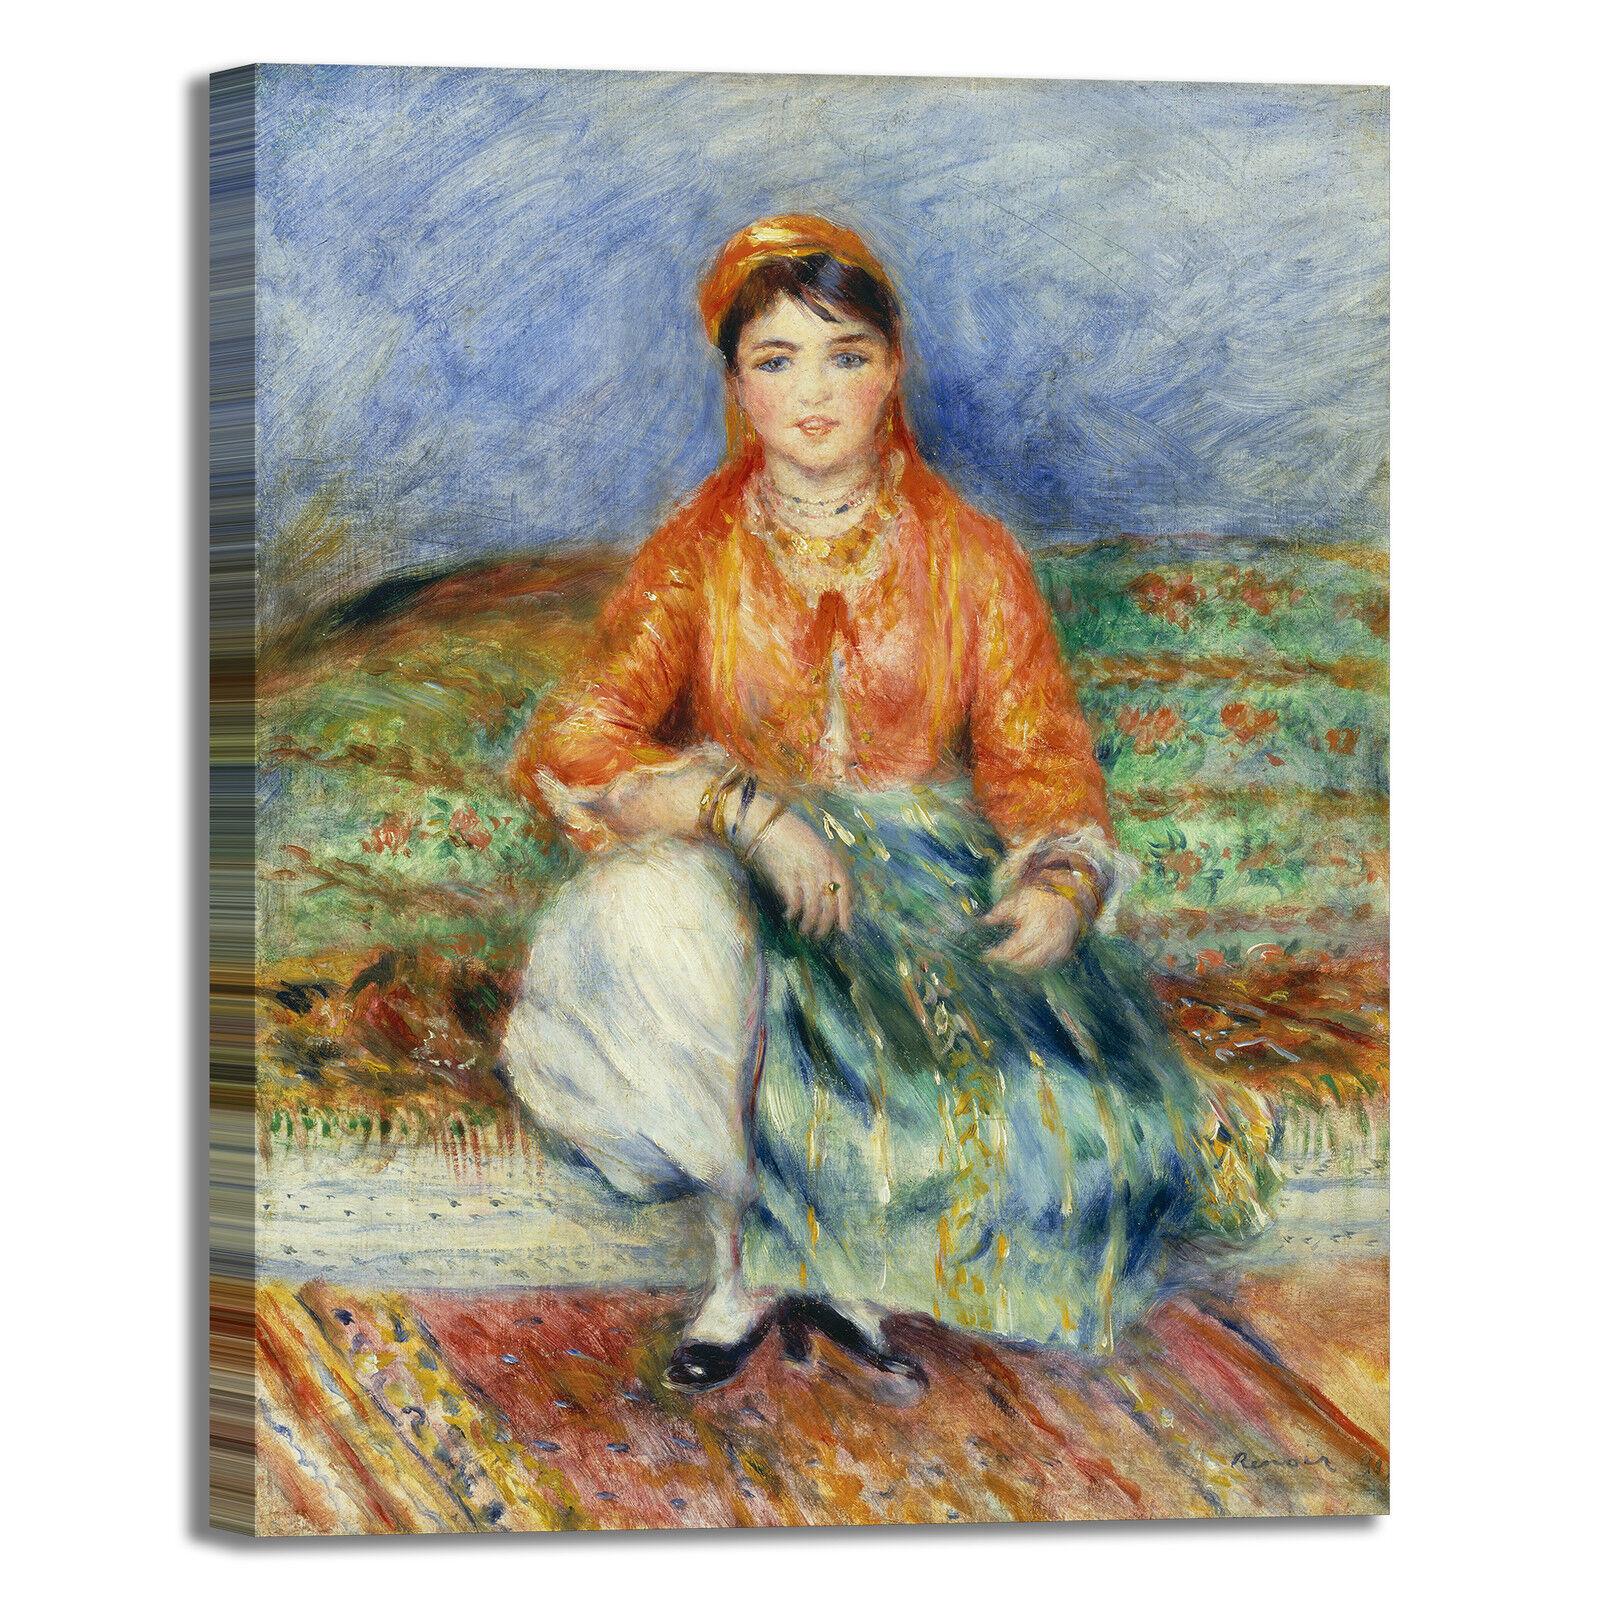 Renoir ragazza algerina design quadro telaio stampa tela dipinto telaio quadro arRouge o casa 69eb15